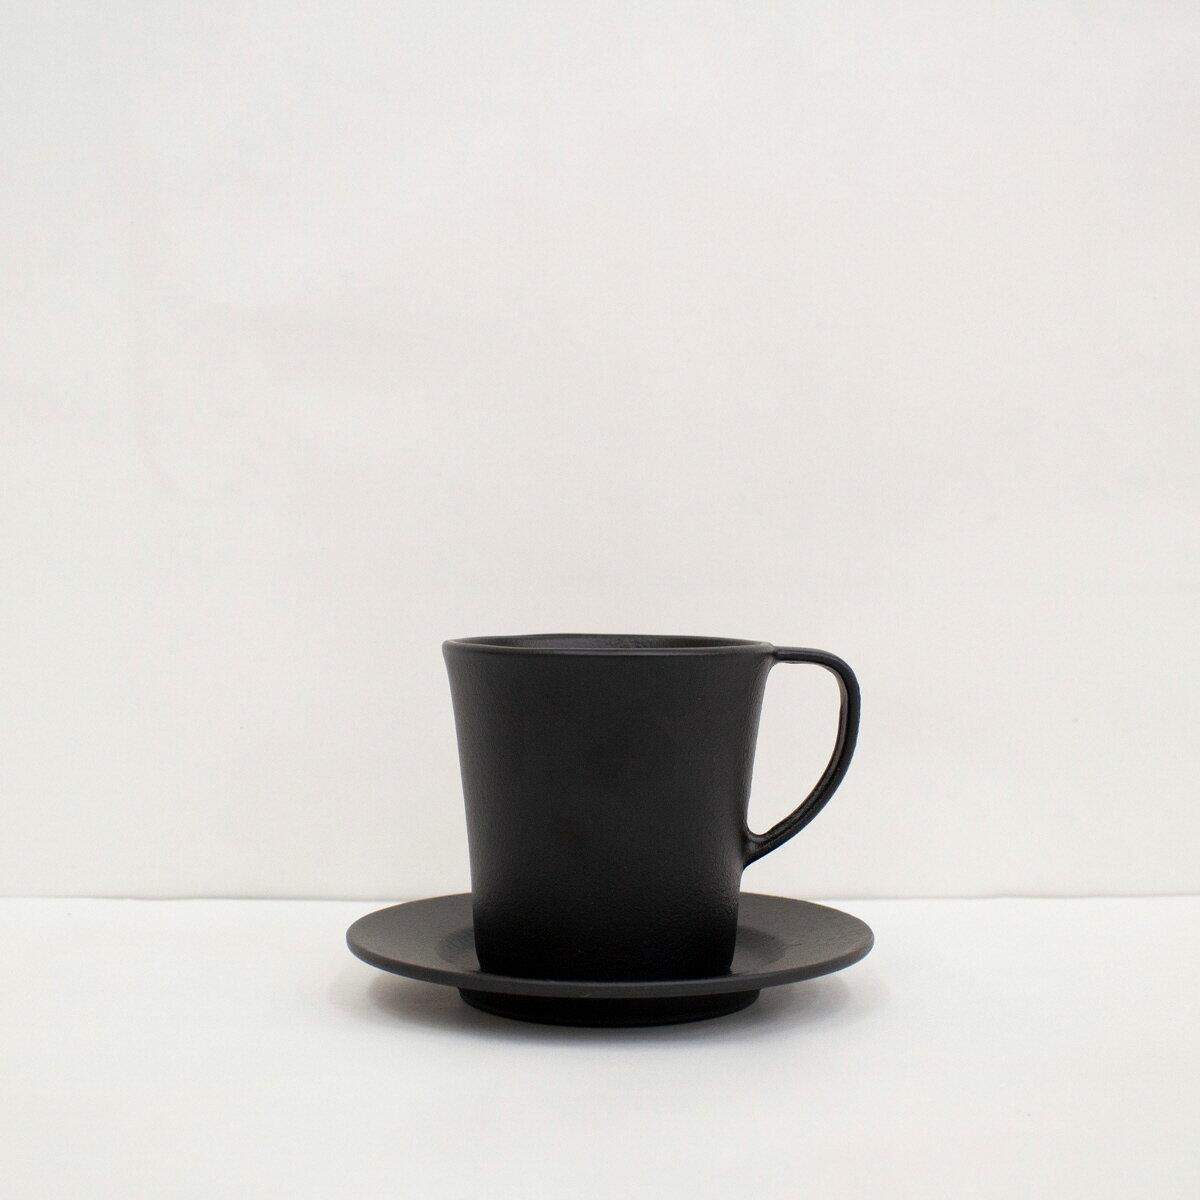 【ふるさと納税】 桑原鋳工 鋳物製コーヒーカップ